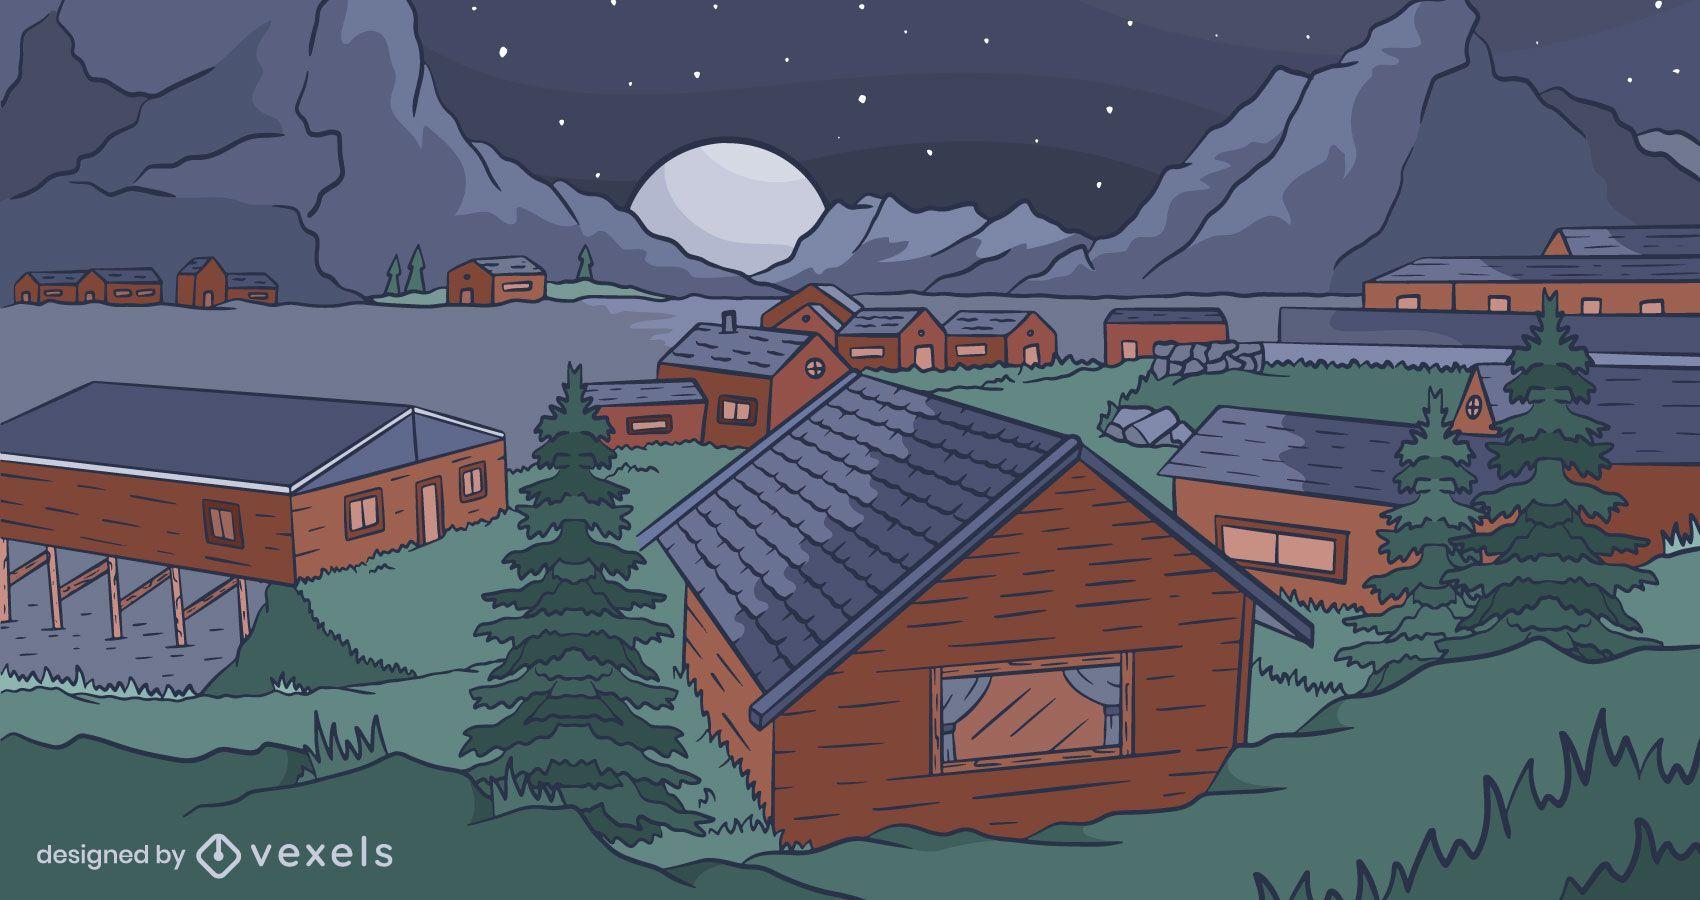 Night village background design